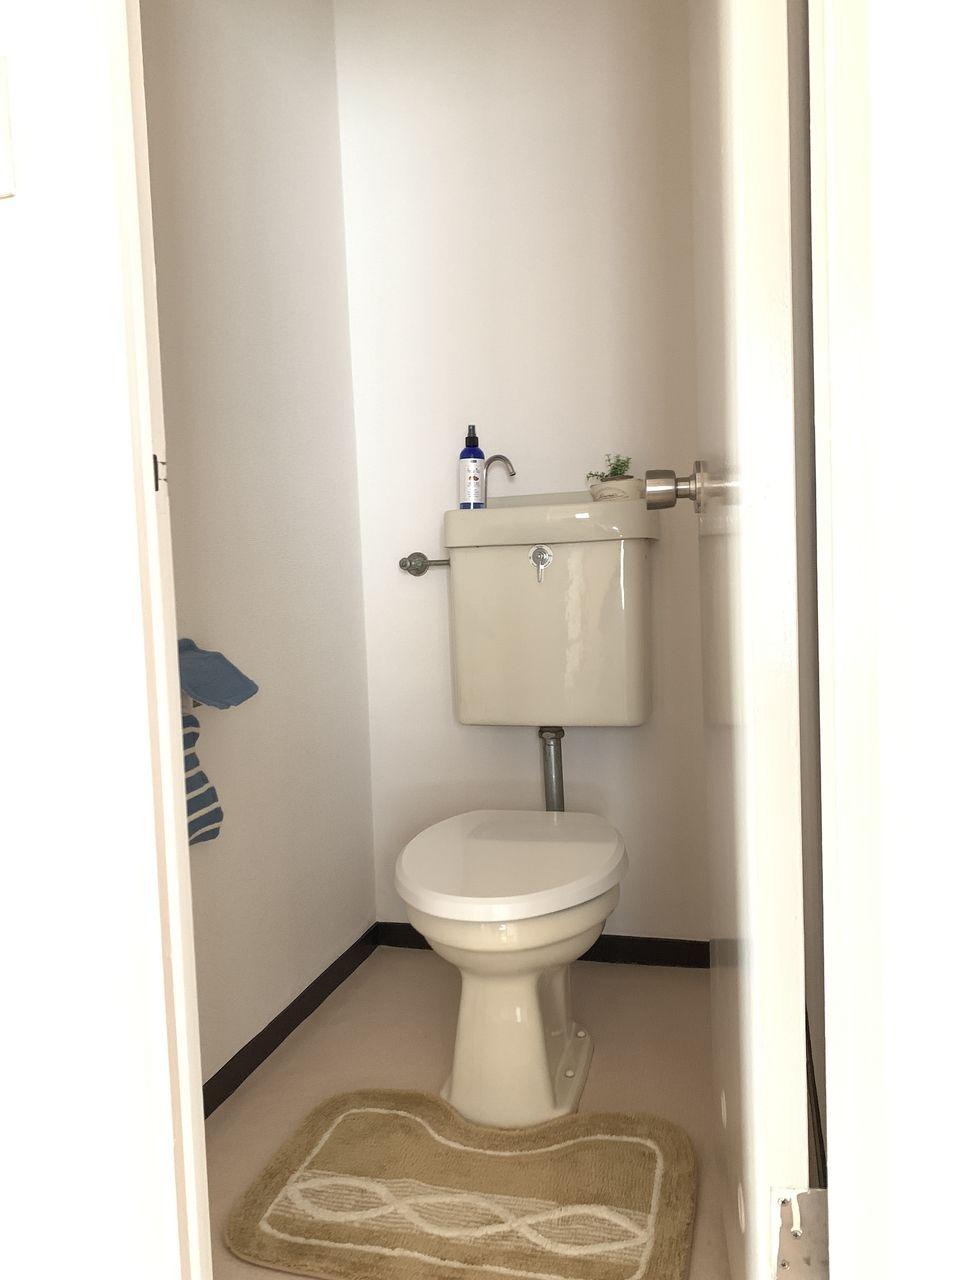 ハイツ富士401号室トイレの写真です